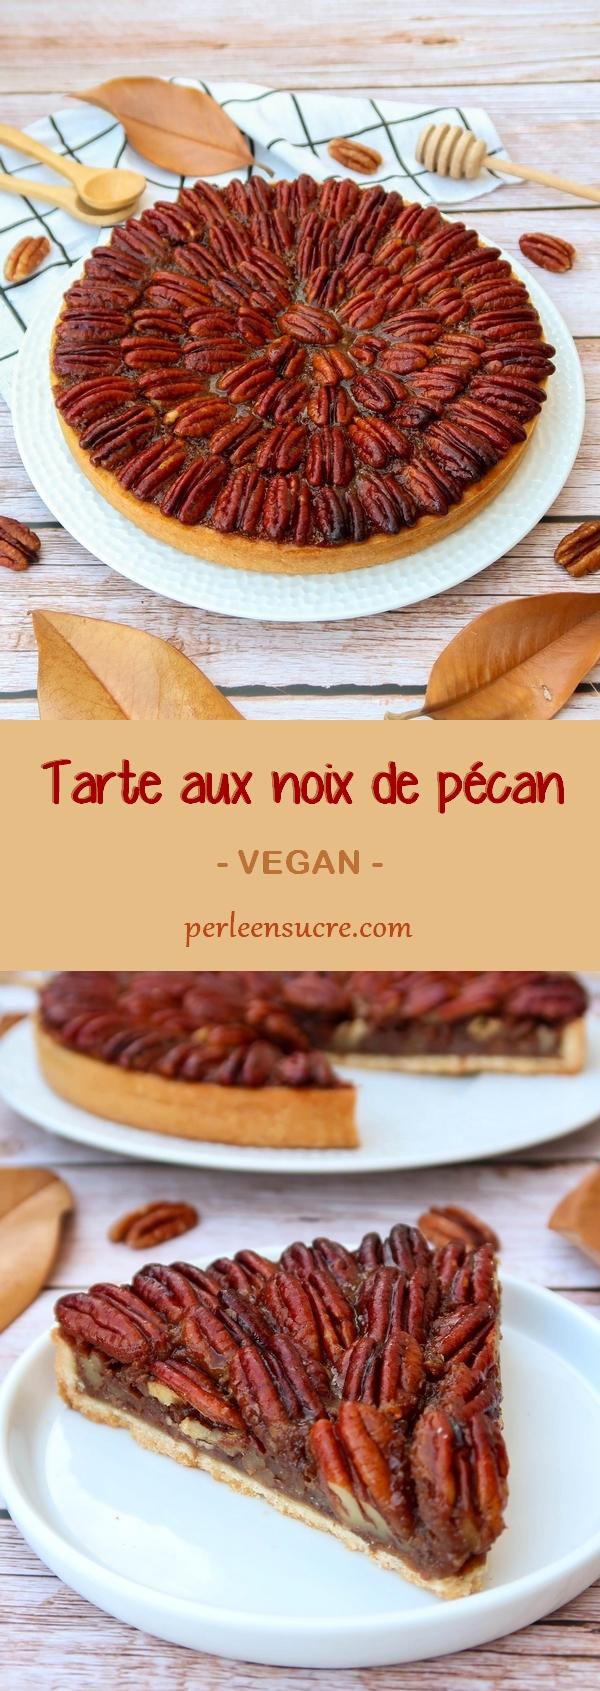 Tarte aux noix de pécan {vegan} - Pinterest